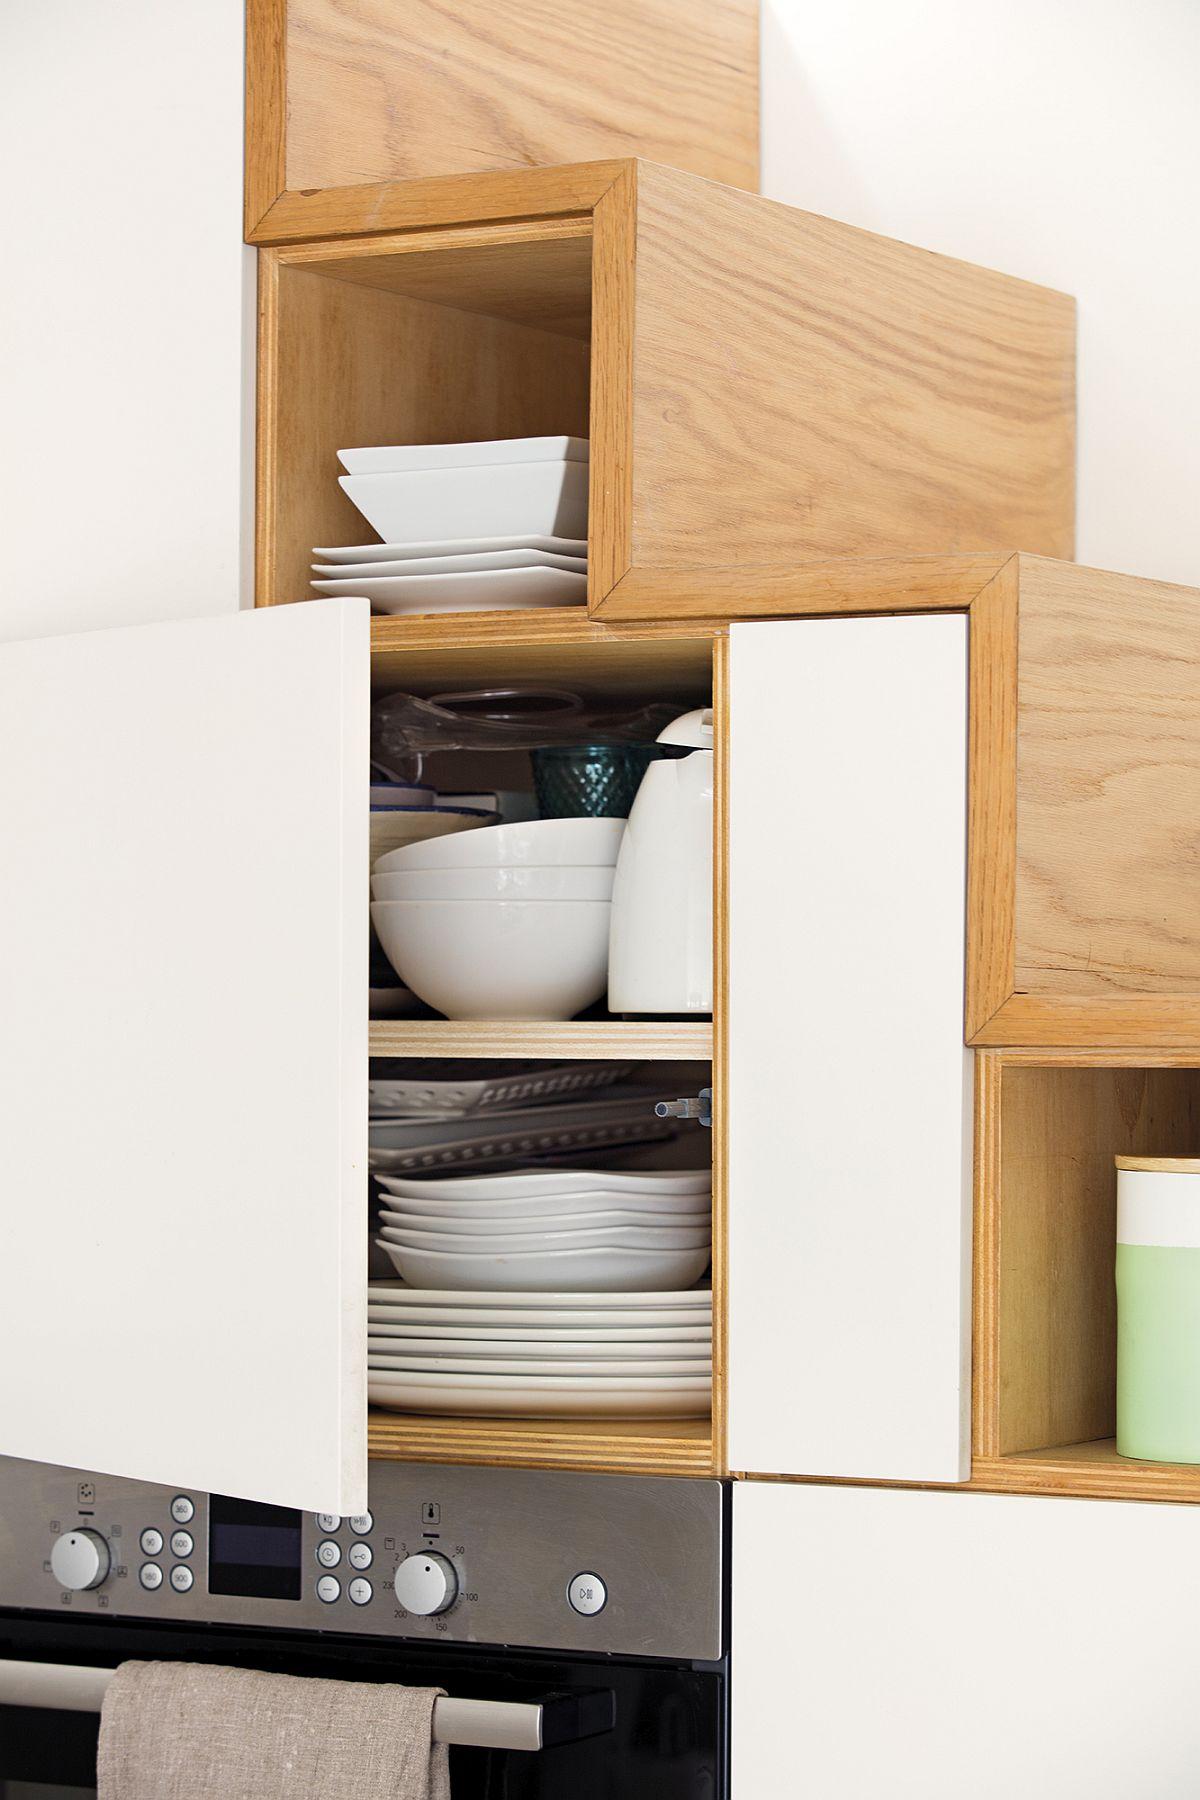 Cu mobiă făută pe comandă, fiecare zonă de sub scară a devenit utilă. Frigiderul este încorporat și el în mobilier, imediat lângă cuptor. Pentru că spațiul este îngust, designerul a prevăzut o mobilă fără mânere, ușile fiind dotate cu sisteme push.